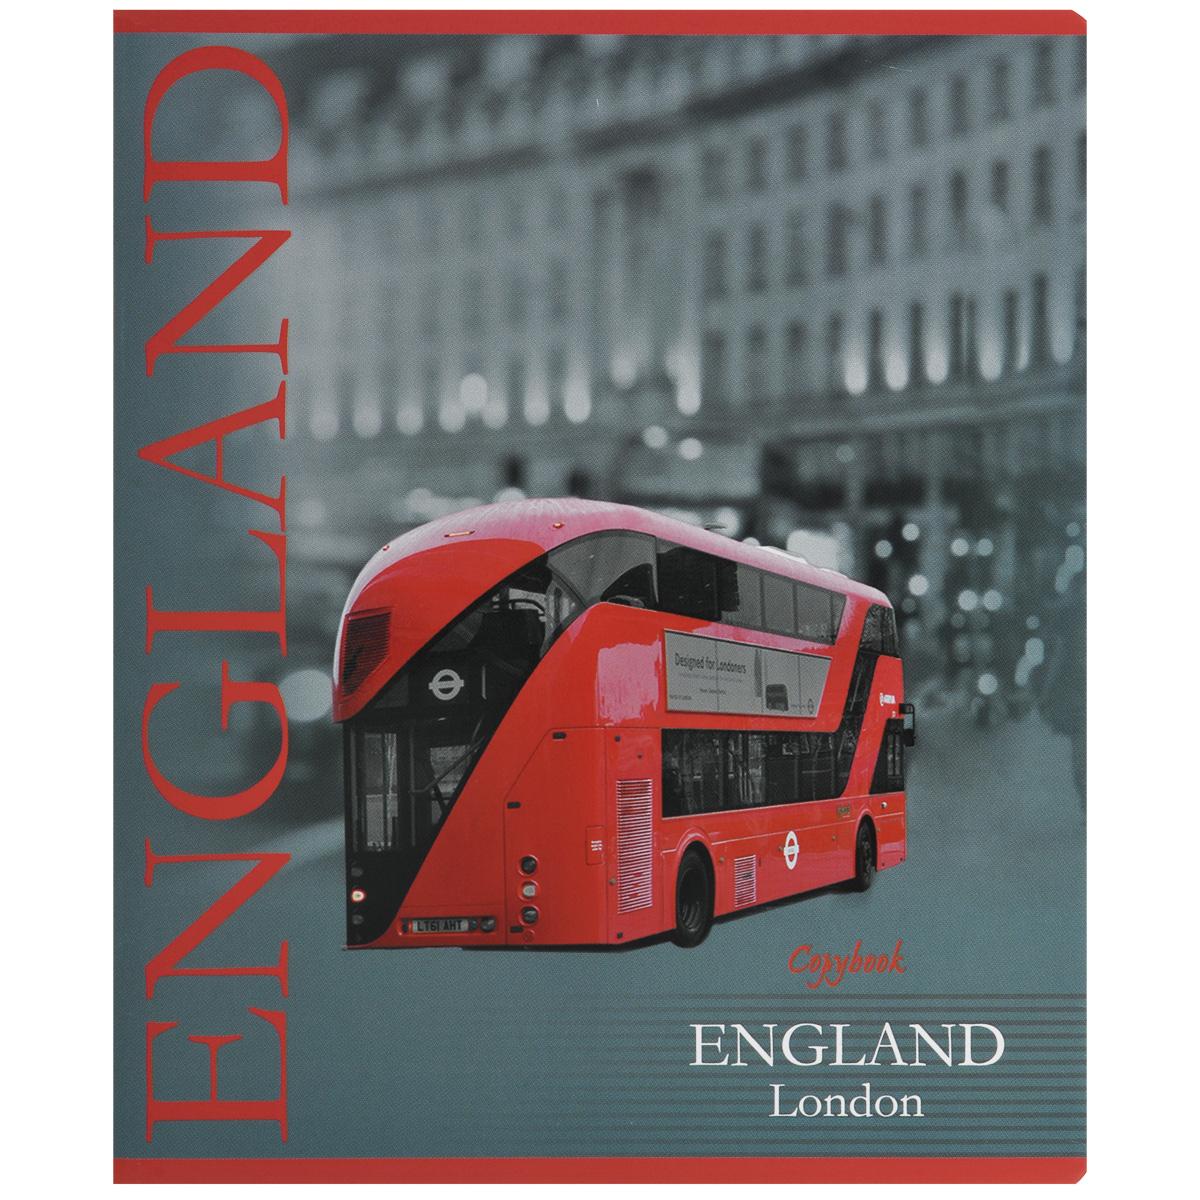 Тетрадь Лондон. Автобус, 60 листов, формат А537596_автобусТетрадь в клетку Лондон. Автобус подойдет как студенту, так и школьнику. Обложка тетради с закругленными углами выполнена из плотной бумаги. На обложке изображение Лондона. Внутренний блок состоит из 60 листов белой бумаги. Стандартная линовка в клетку дополнена полями, совпадающими с лицевой и оборотной стороны листа.